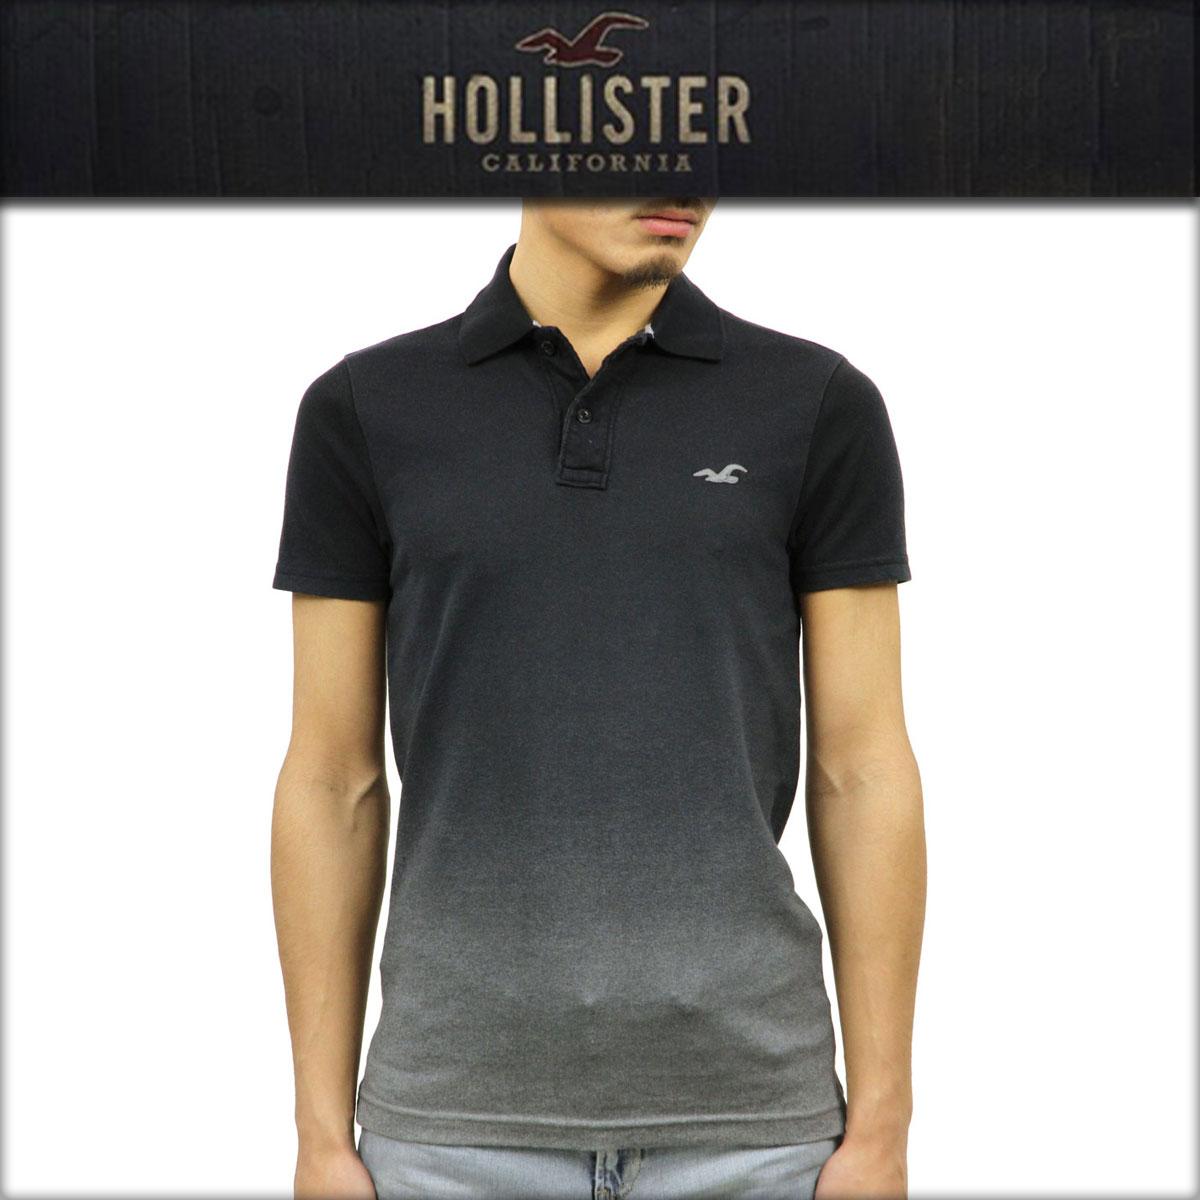 ホリスター HOLLISTER 正規品 メンズ 半袖ポロシャツ 父の日 Stretch Pique Ombre Polo Epic Flex 321-364-0661-906